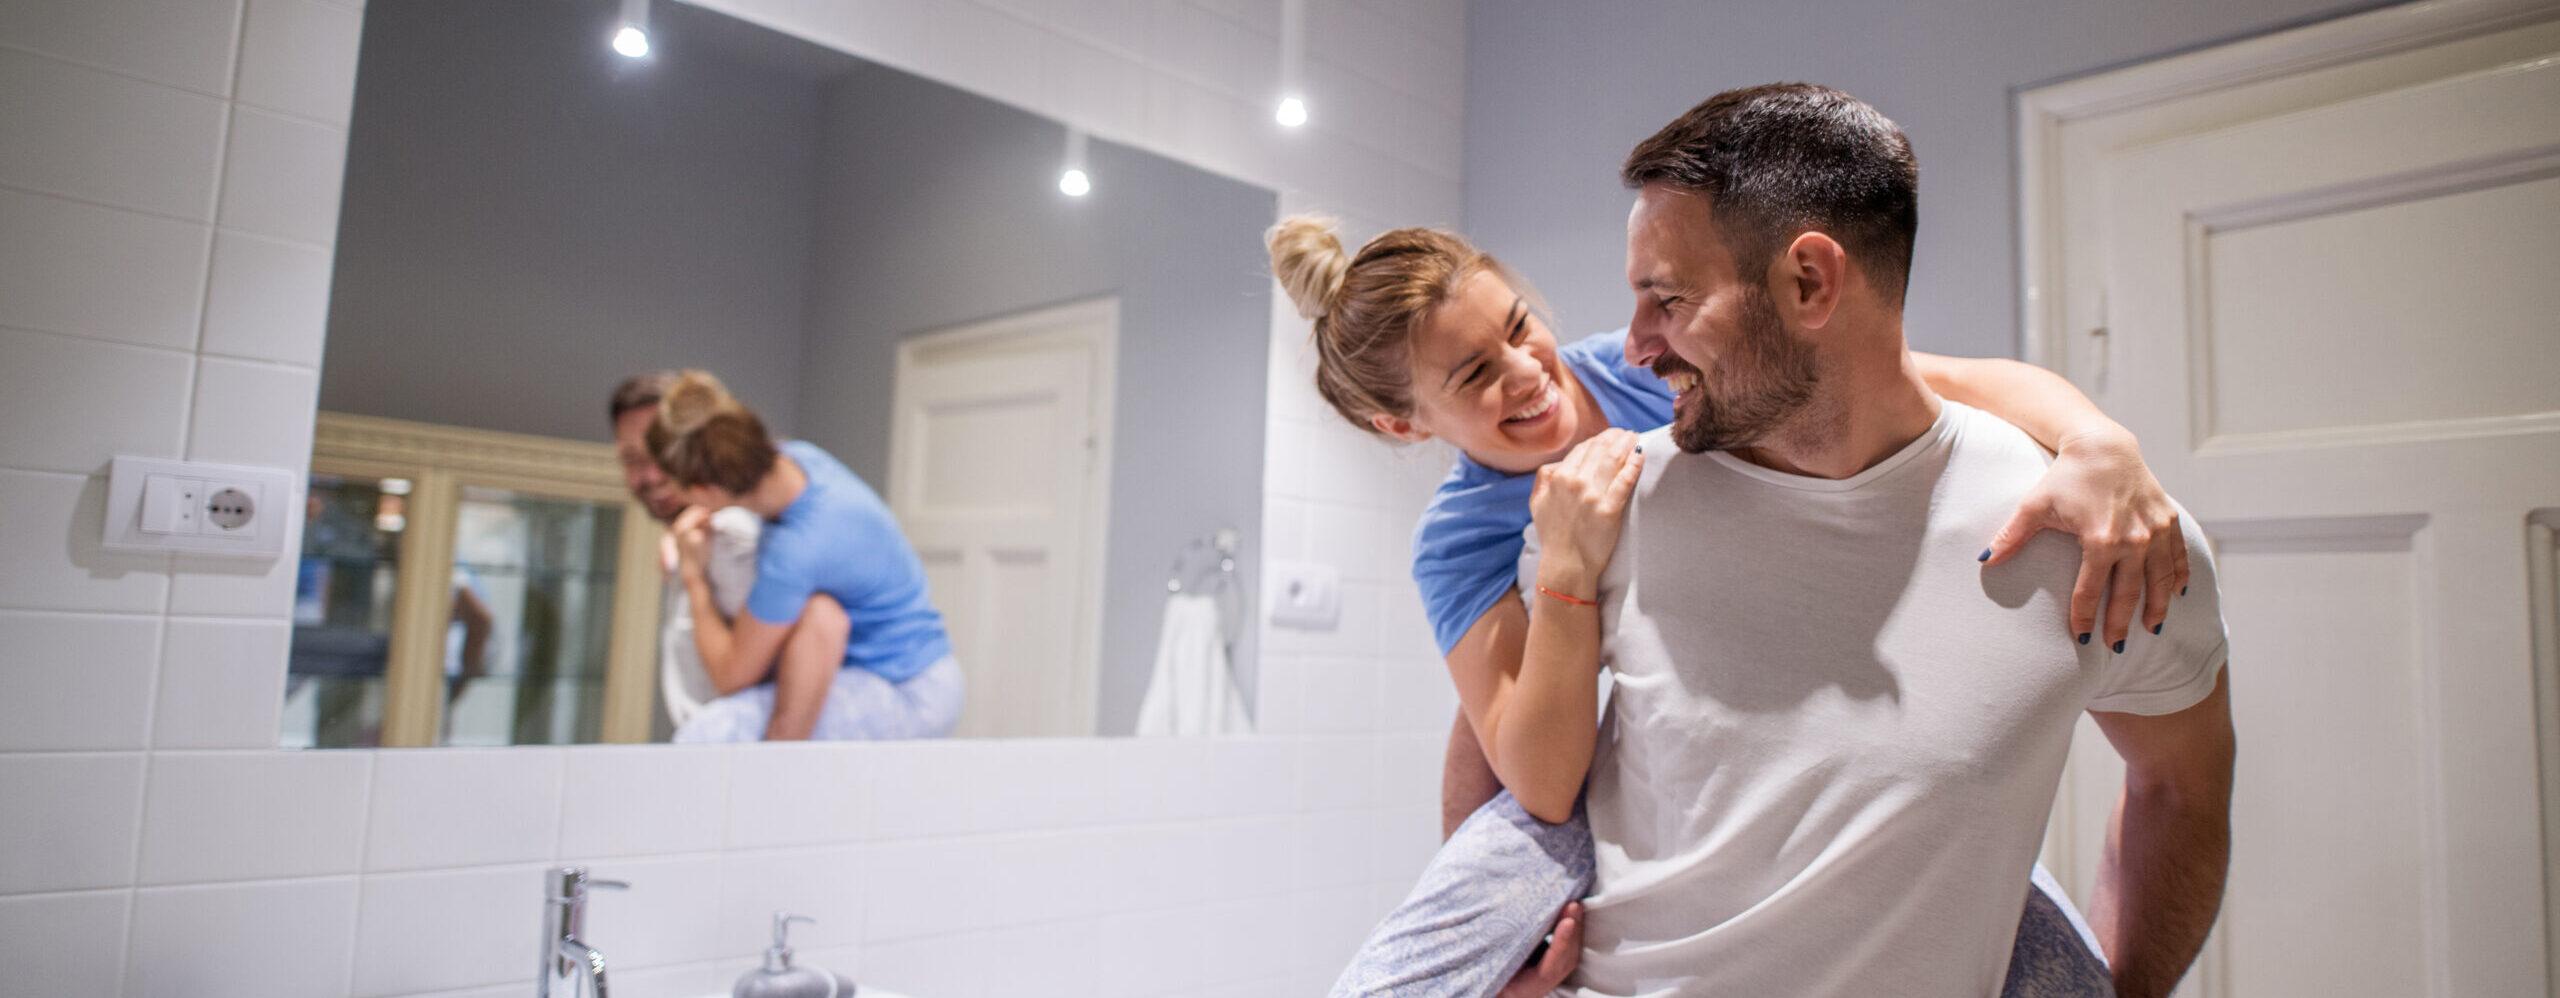 Wartung Kundendienst unbesorgt Familie Paar Badezimmer